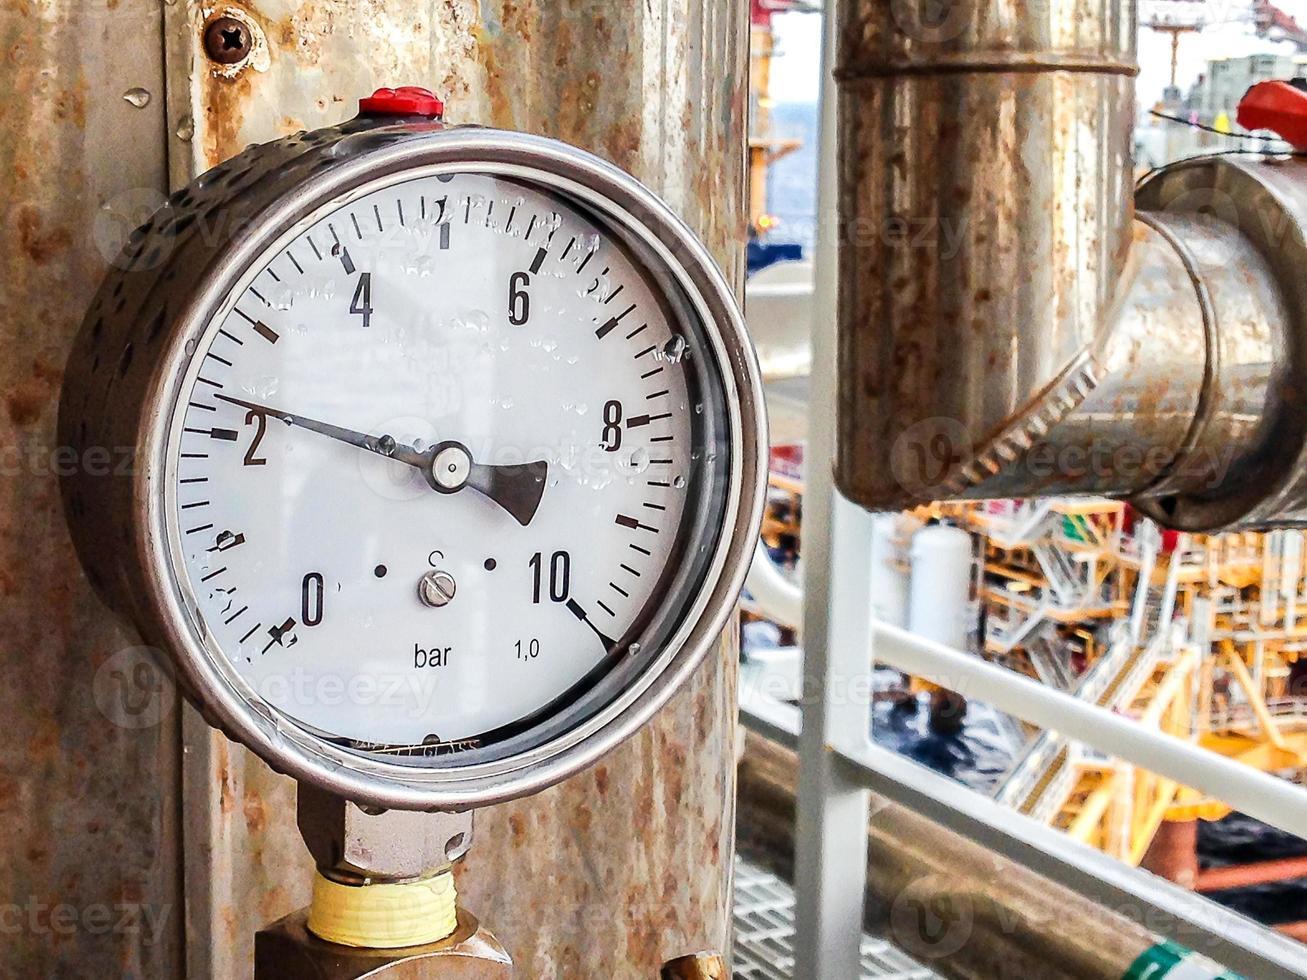 Pressure gauge in oil plant field. photo